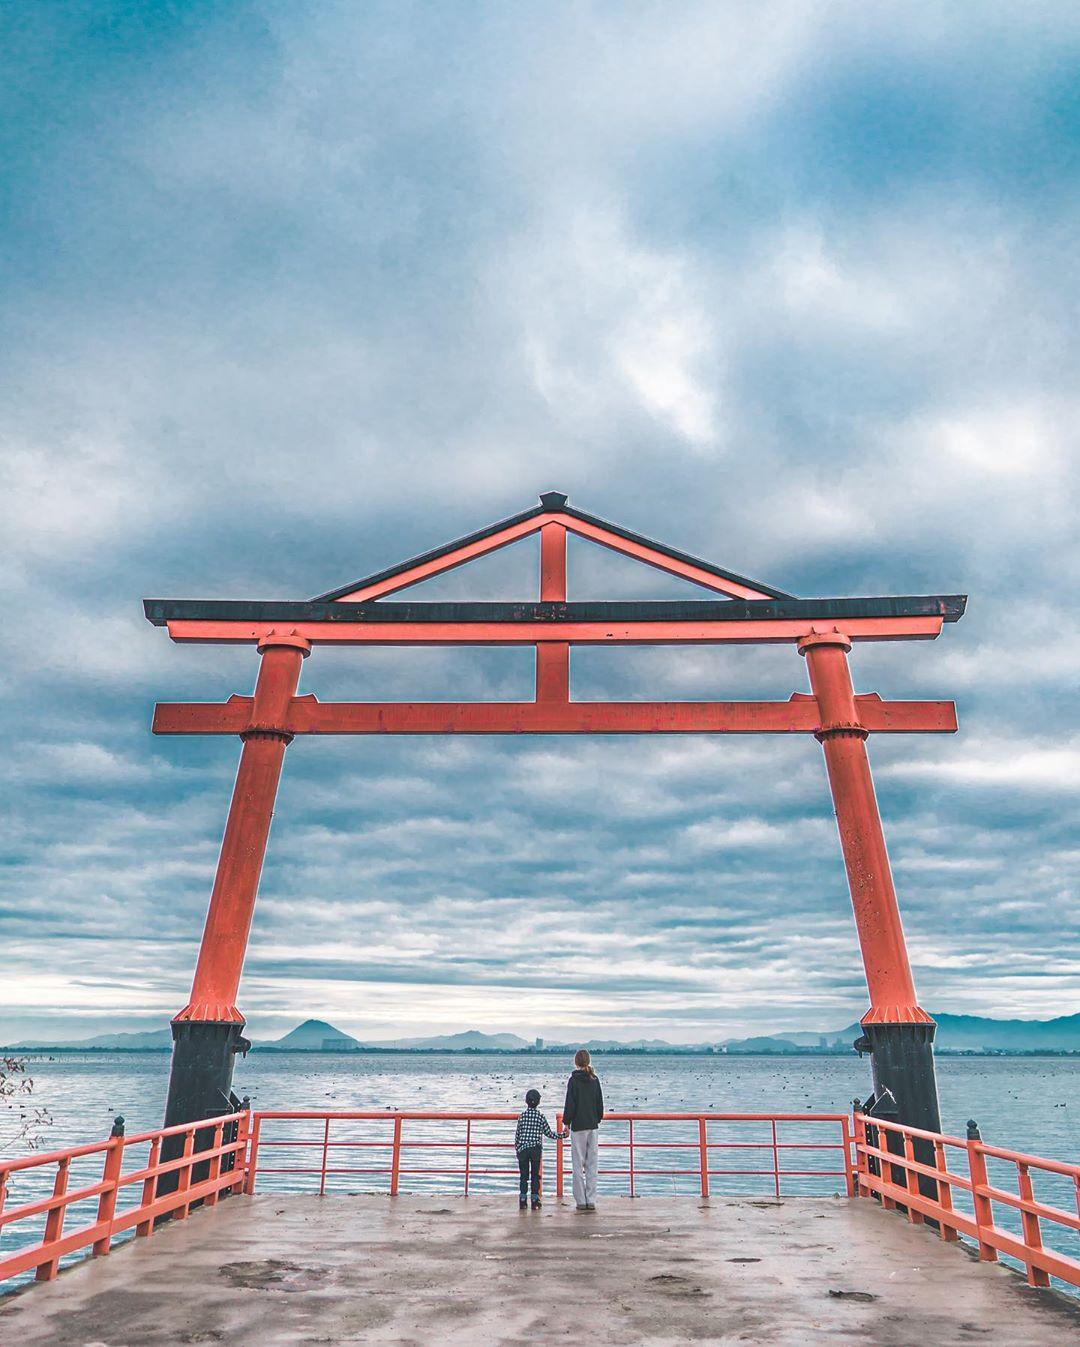 """Có một nước Nhật đẹp đến nao lòng qua ống kính của ông bố trẻ """"mê"""" chụp ảnh vợ và con trai, ai xem xong cũng """"tan chảy"""" - Ảnh 21."""